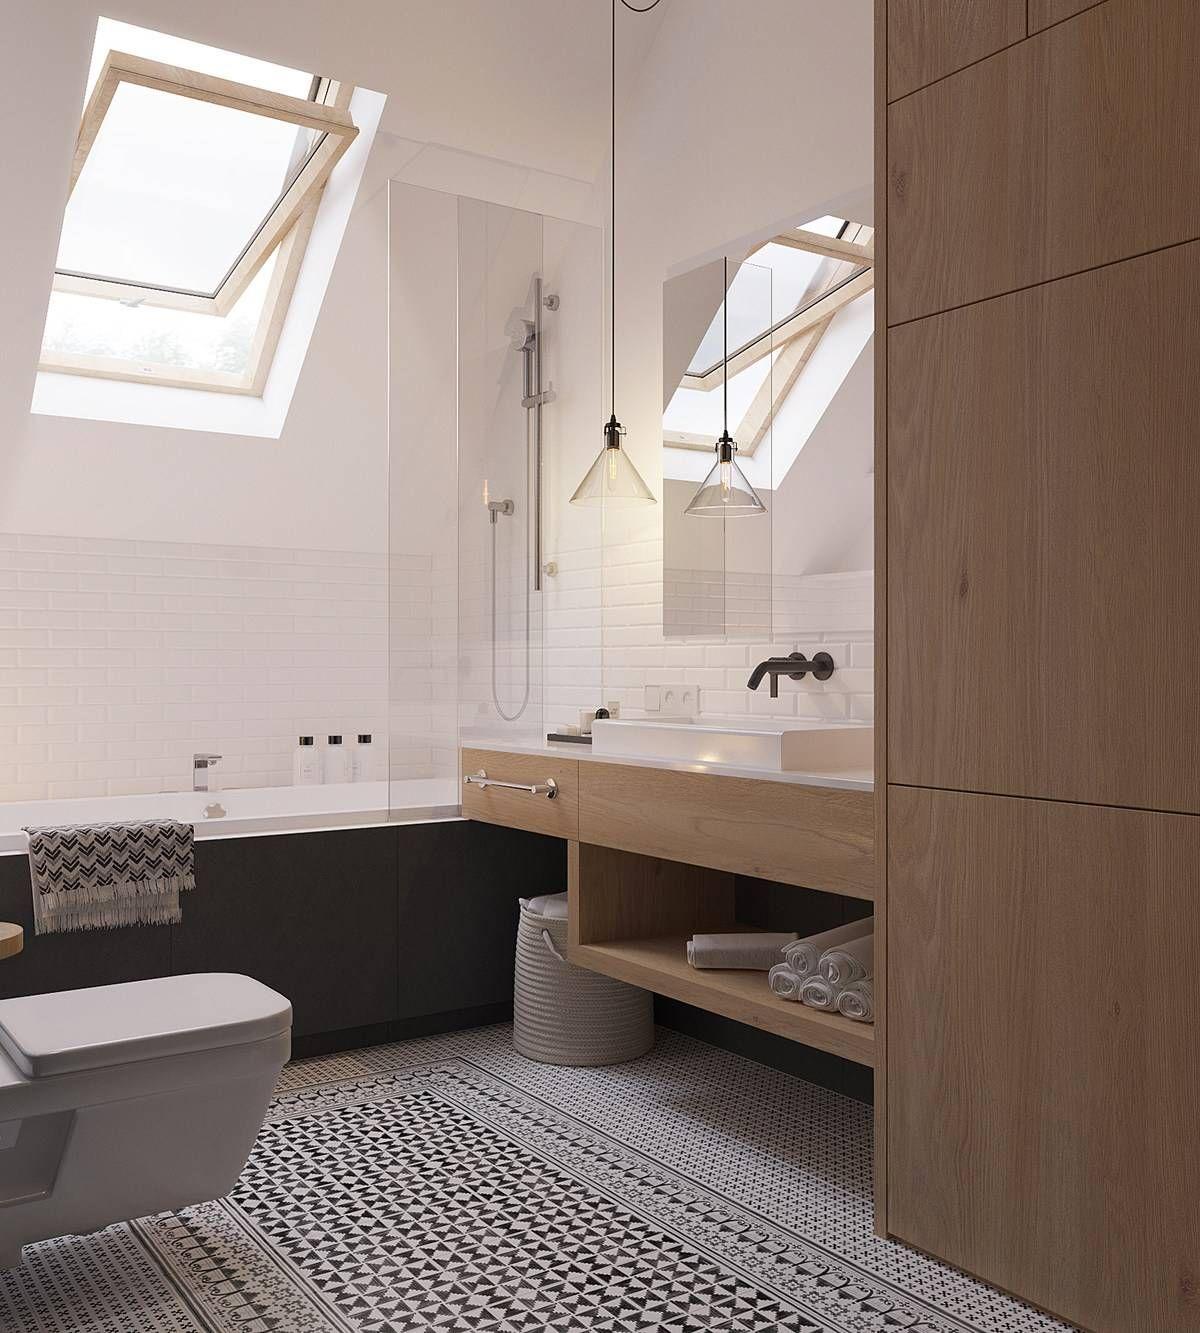 Bagno Con Mosaico Bianco originale appartamento stile scandinavo moderno. design